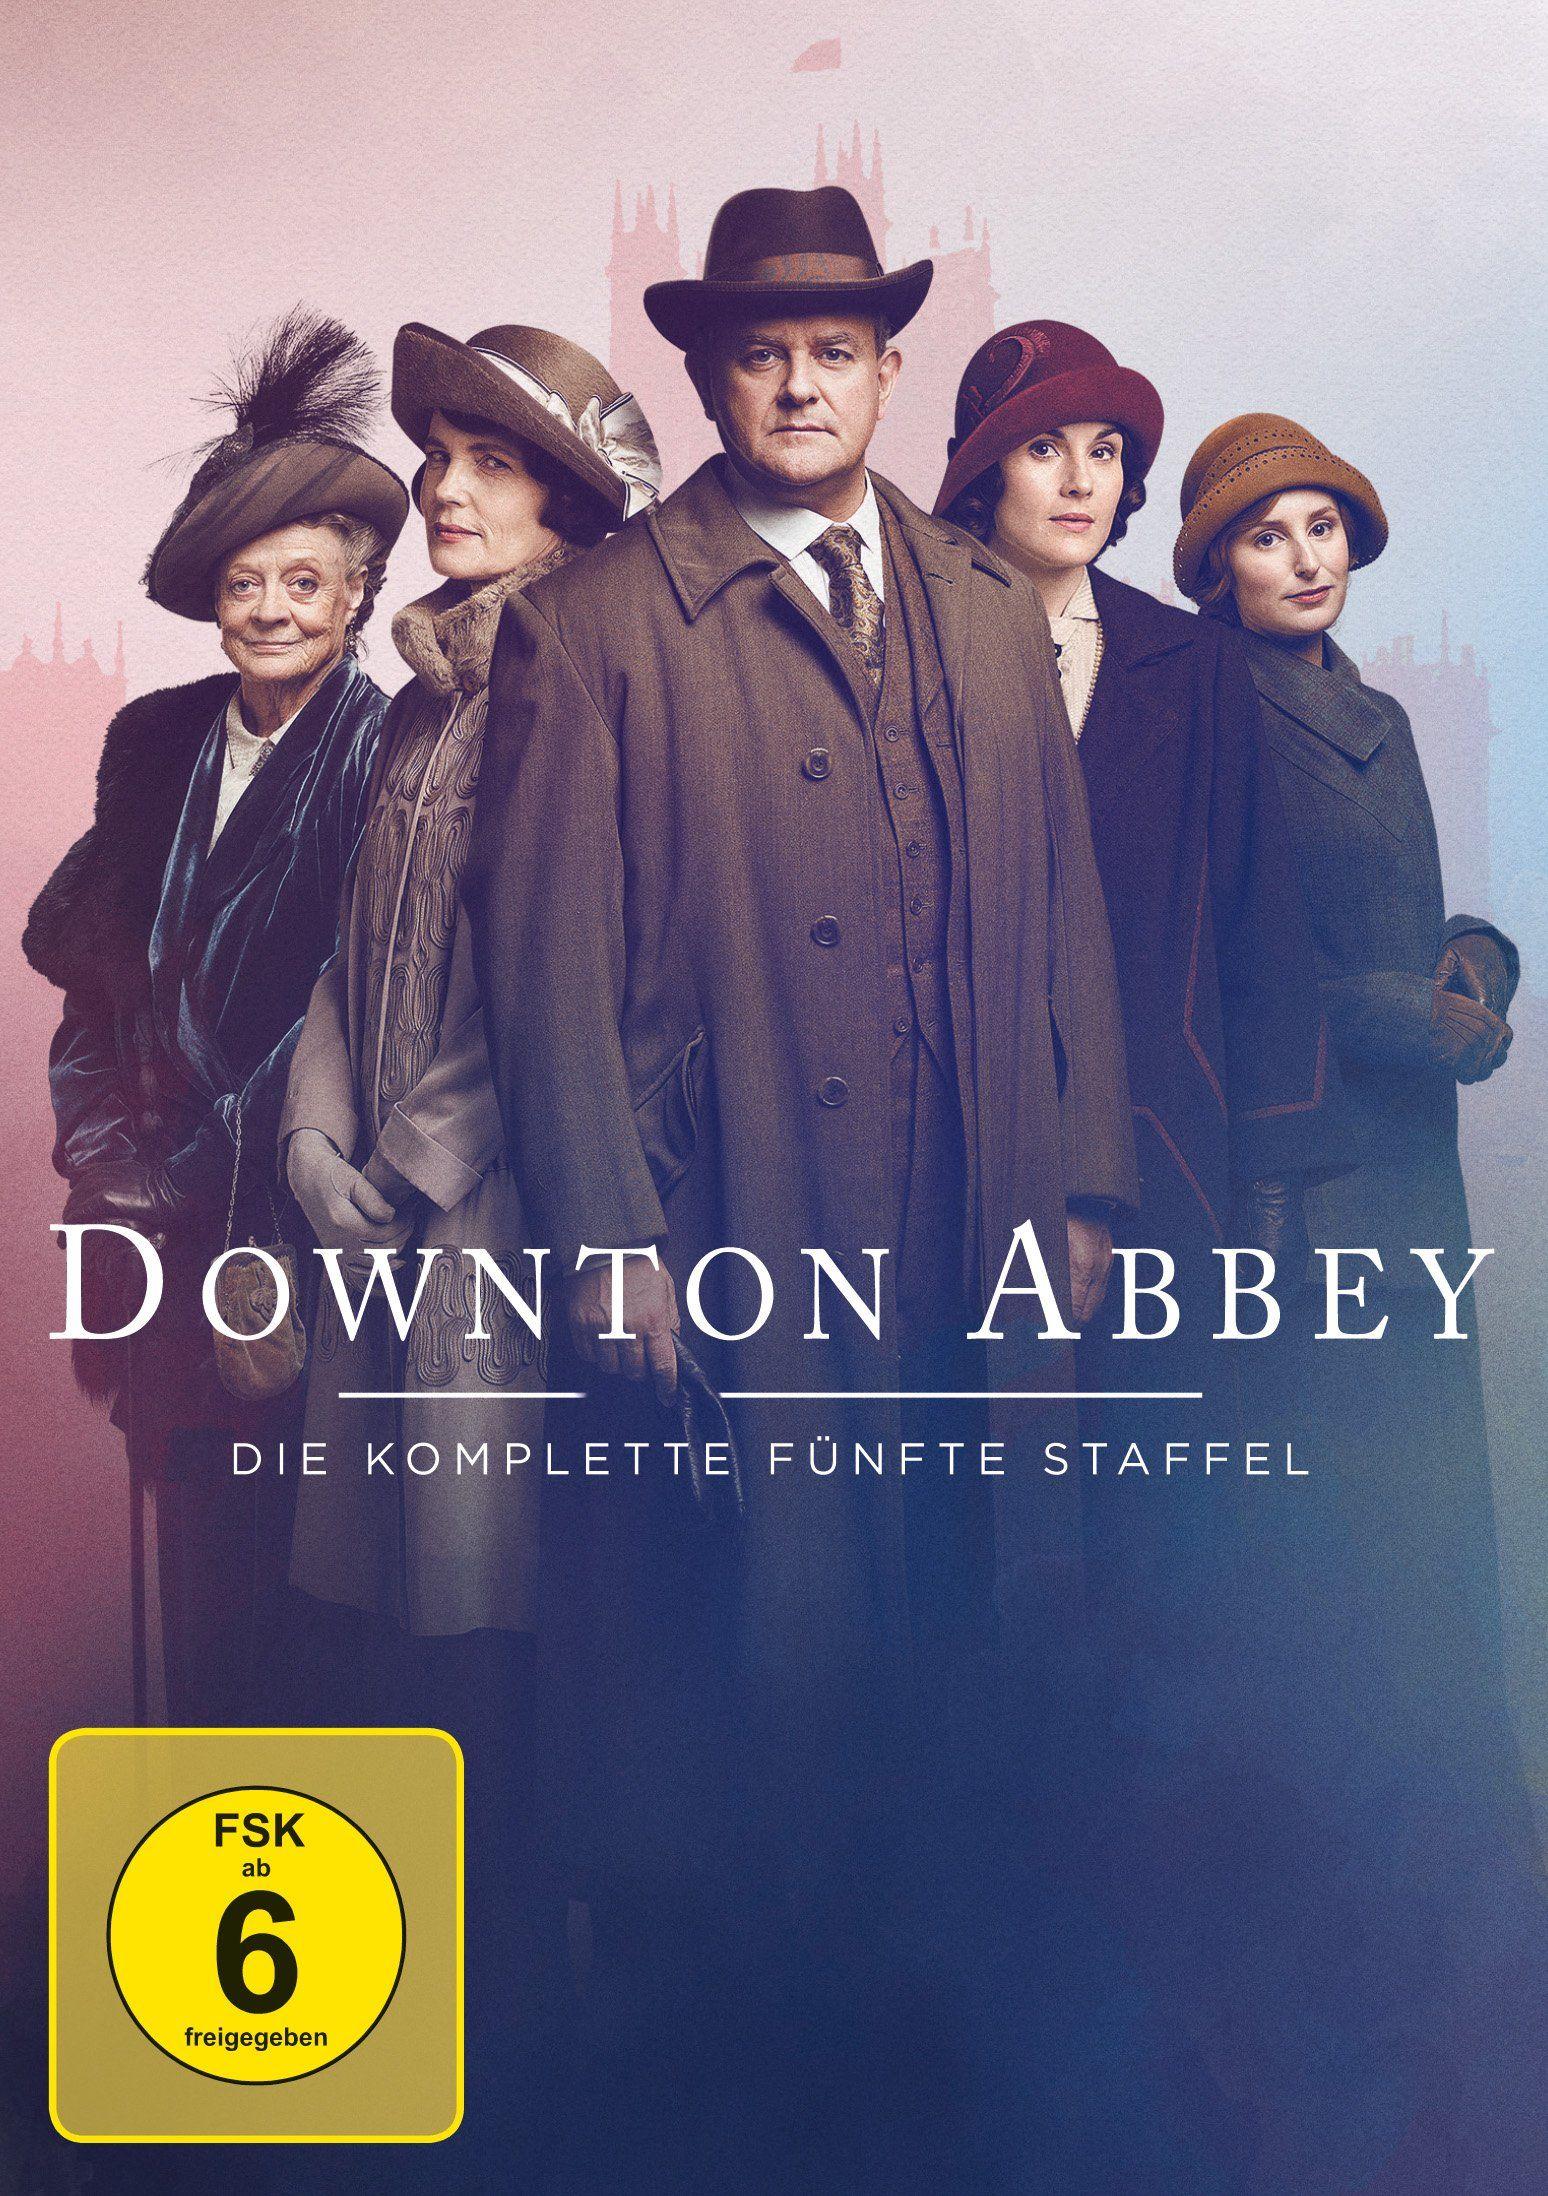 Downton Abbey Staffel 5 Alemania Dvd Ad Abbey Downton Staffel Dvd Alemania Downton Abbey Dvd